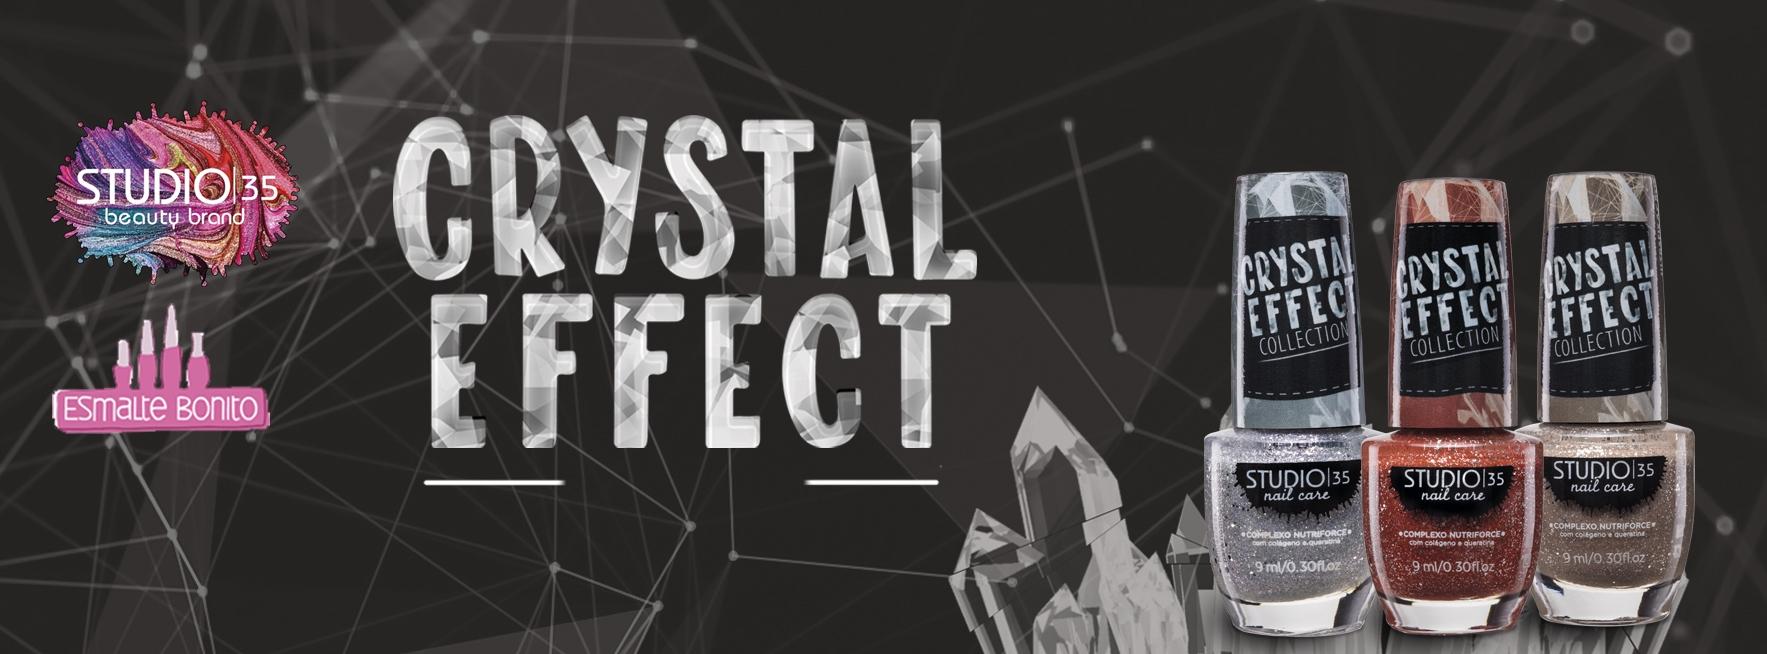 Esmaltes coleção Crystal Effect Studio 35